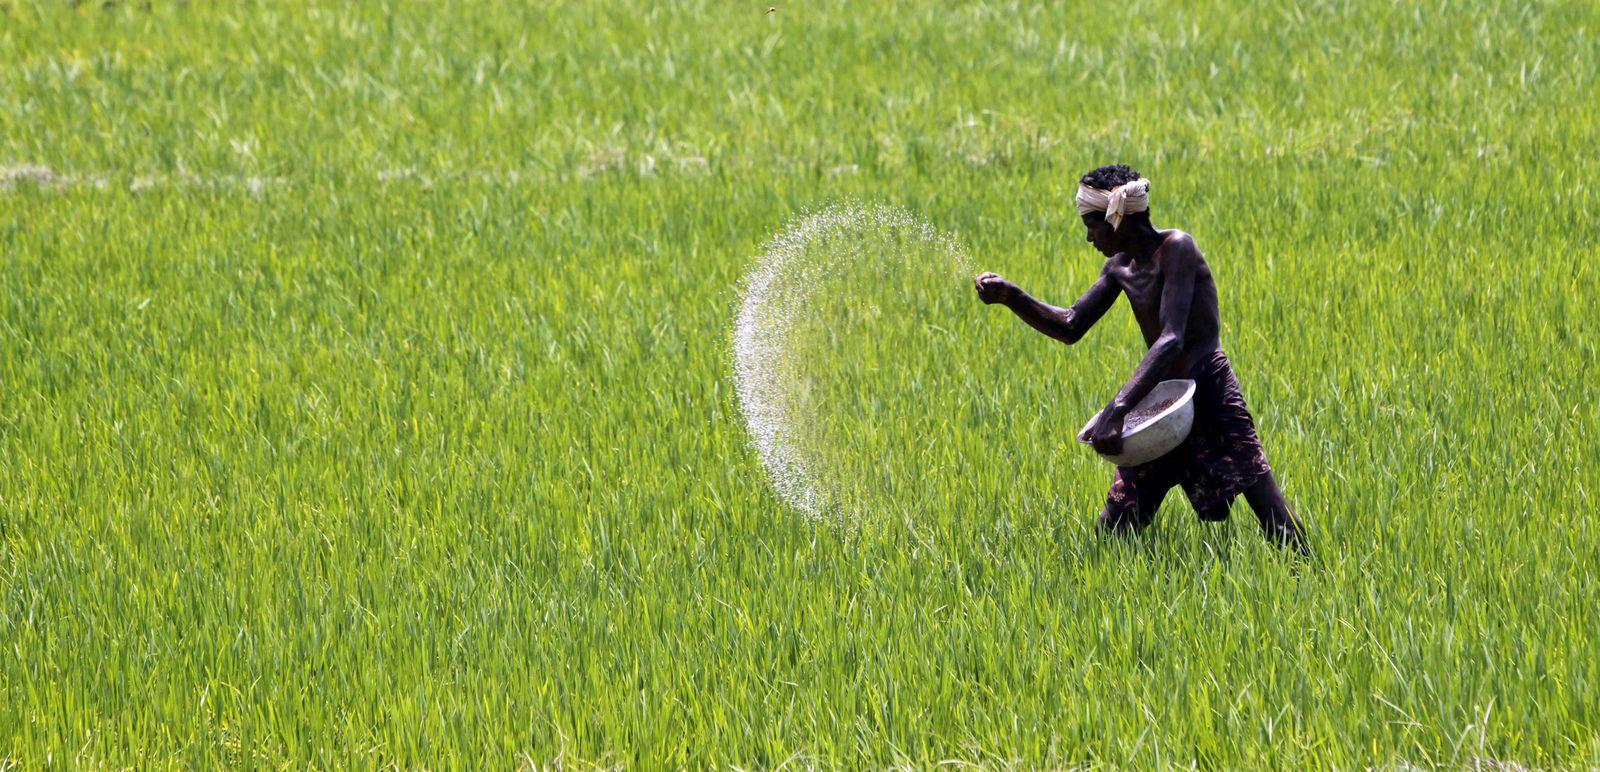 Indien Landwirtschaft/